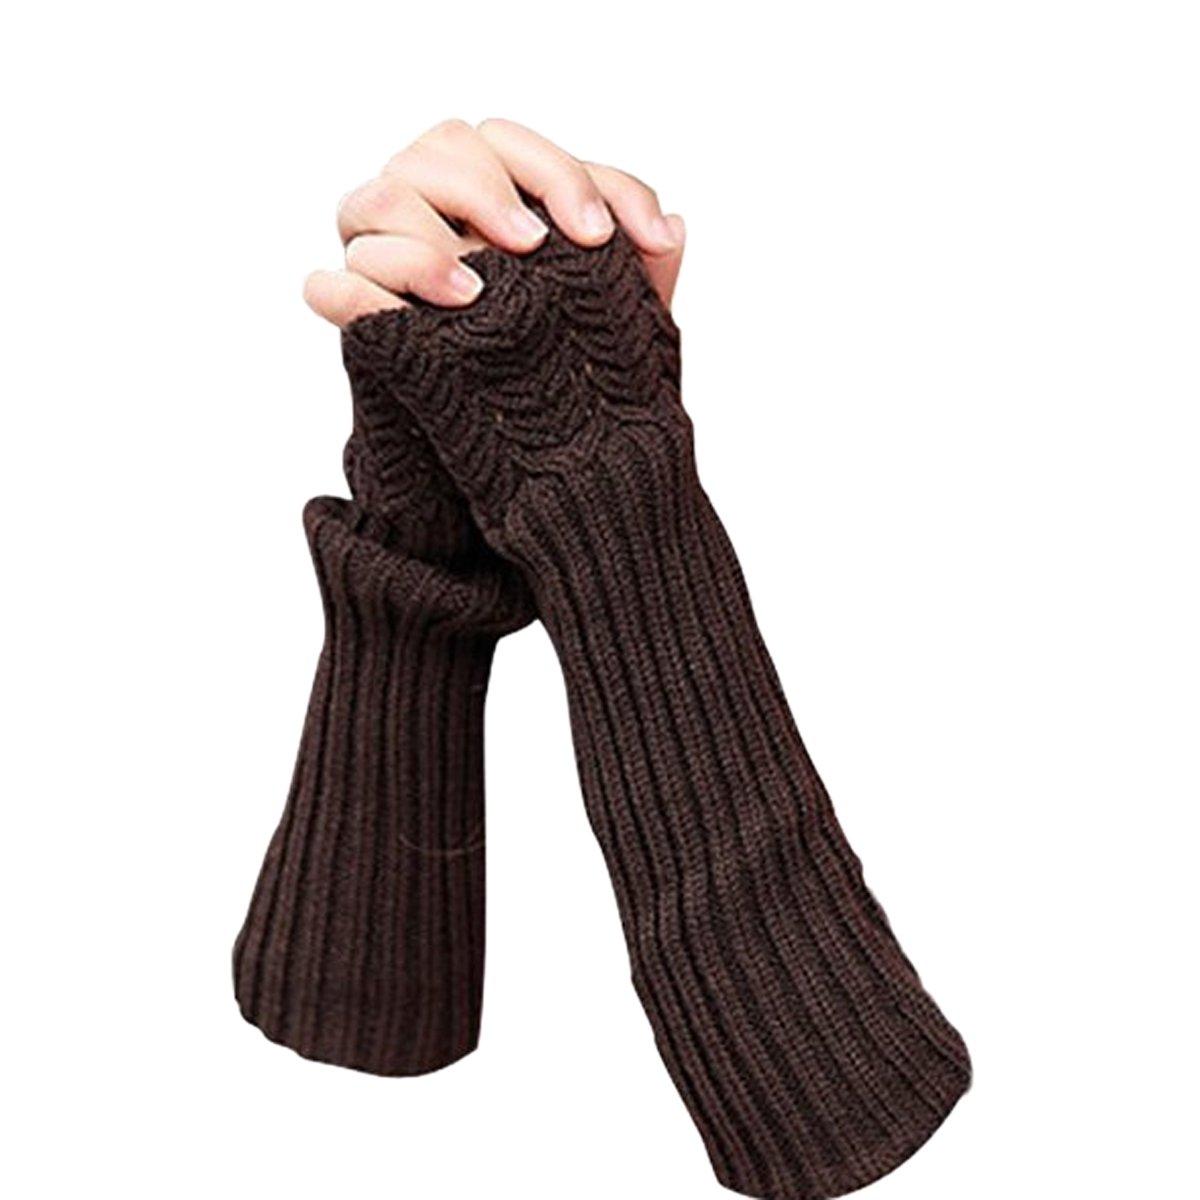 TININNA Chaud Gants dhiver Thermiques Tricot Laine de sans Doigt Gloves pour Femme